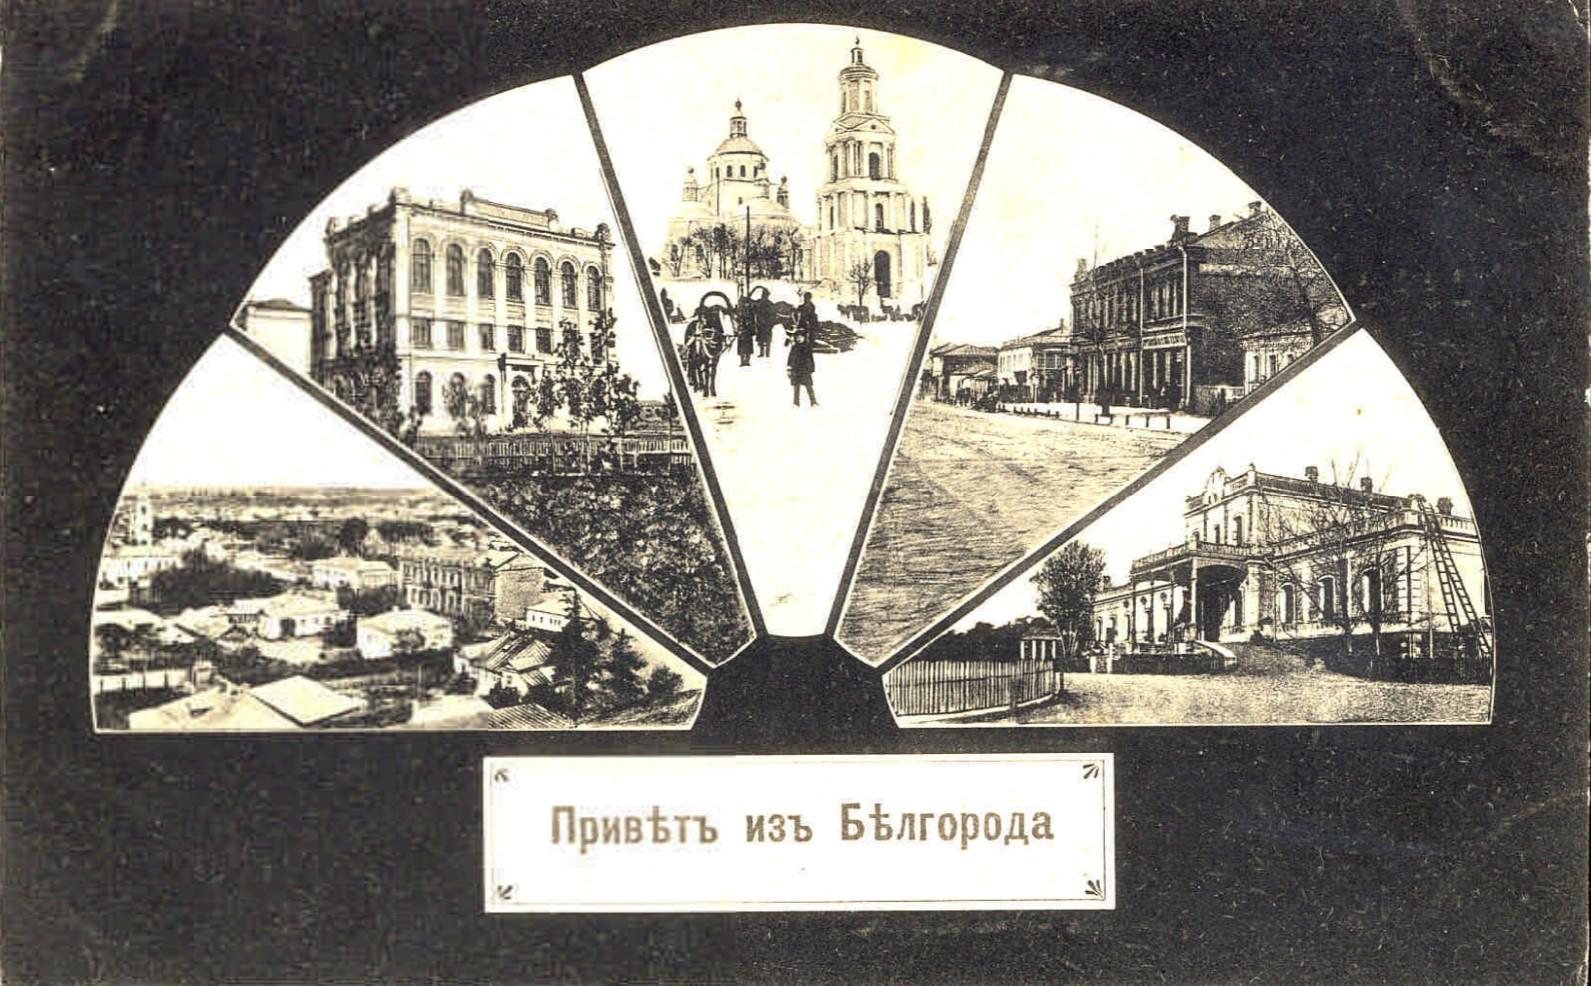 Привет из Белгорода (4)